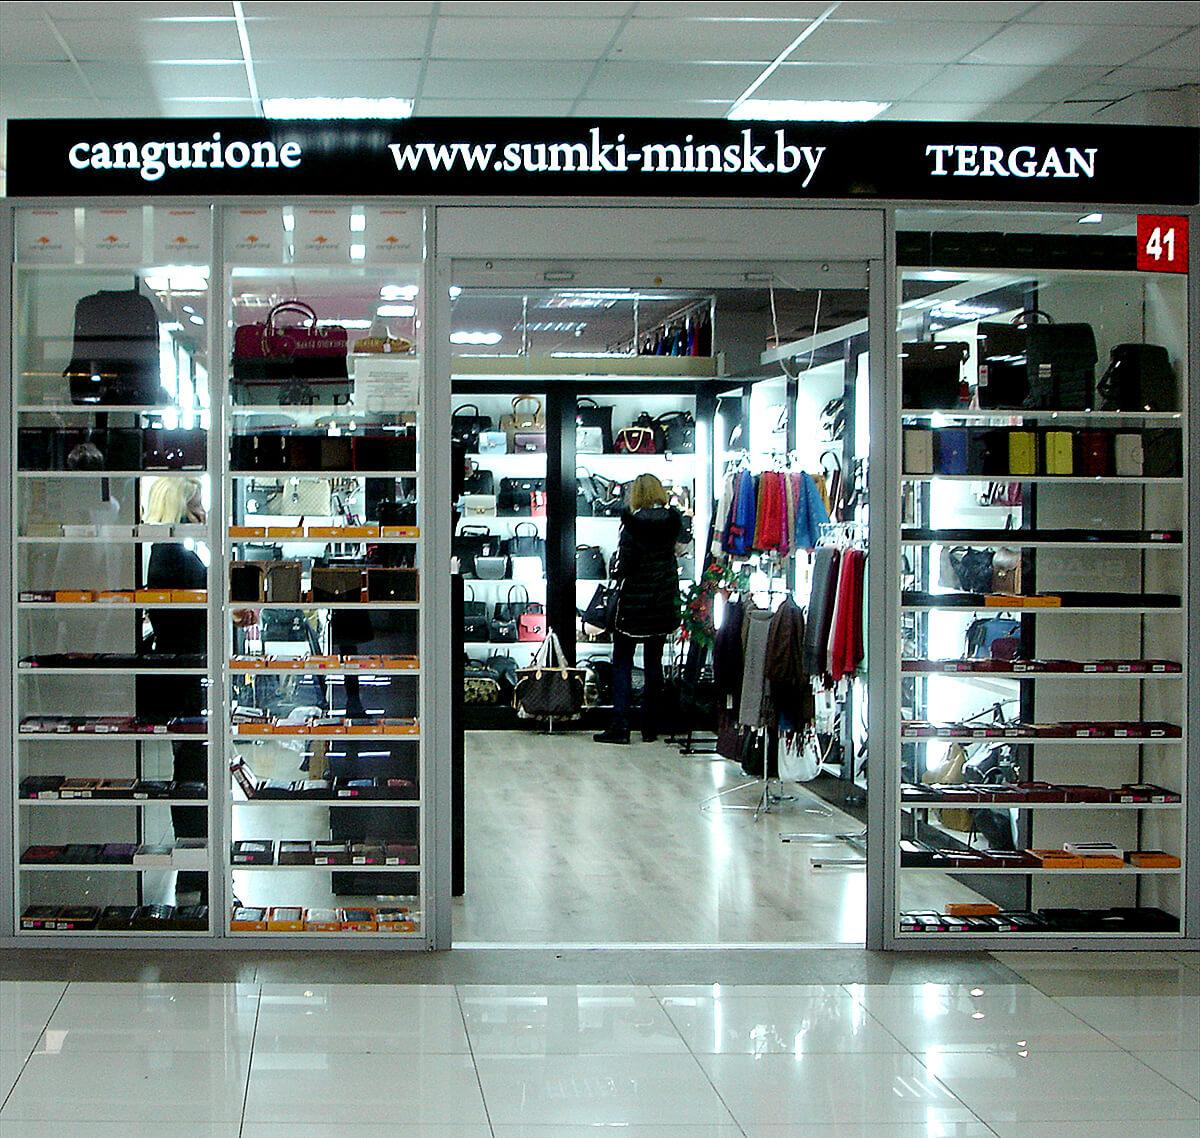 Sumki-minsk - магазин сумок и аксессуаров в павильоне №41 на 3-м этаже Торгового Центра